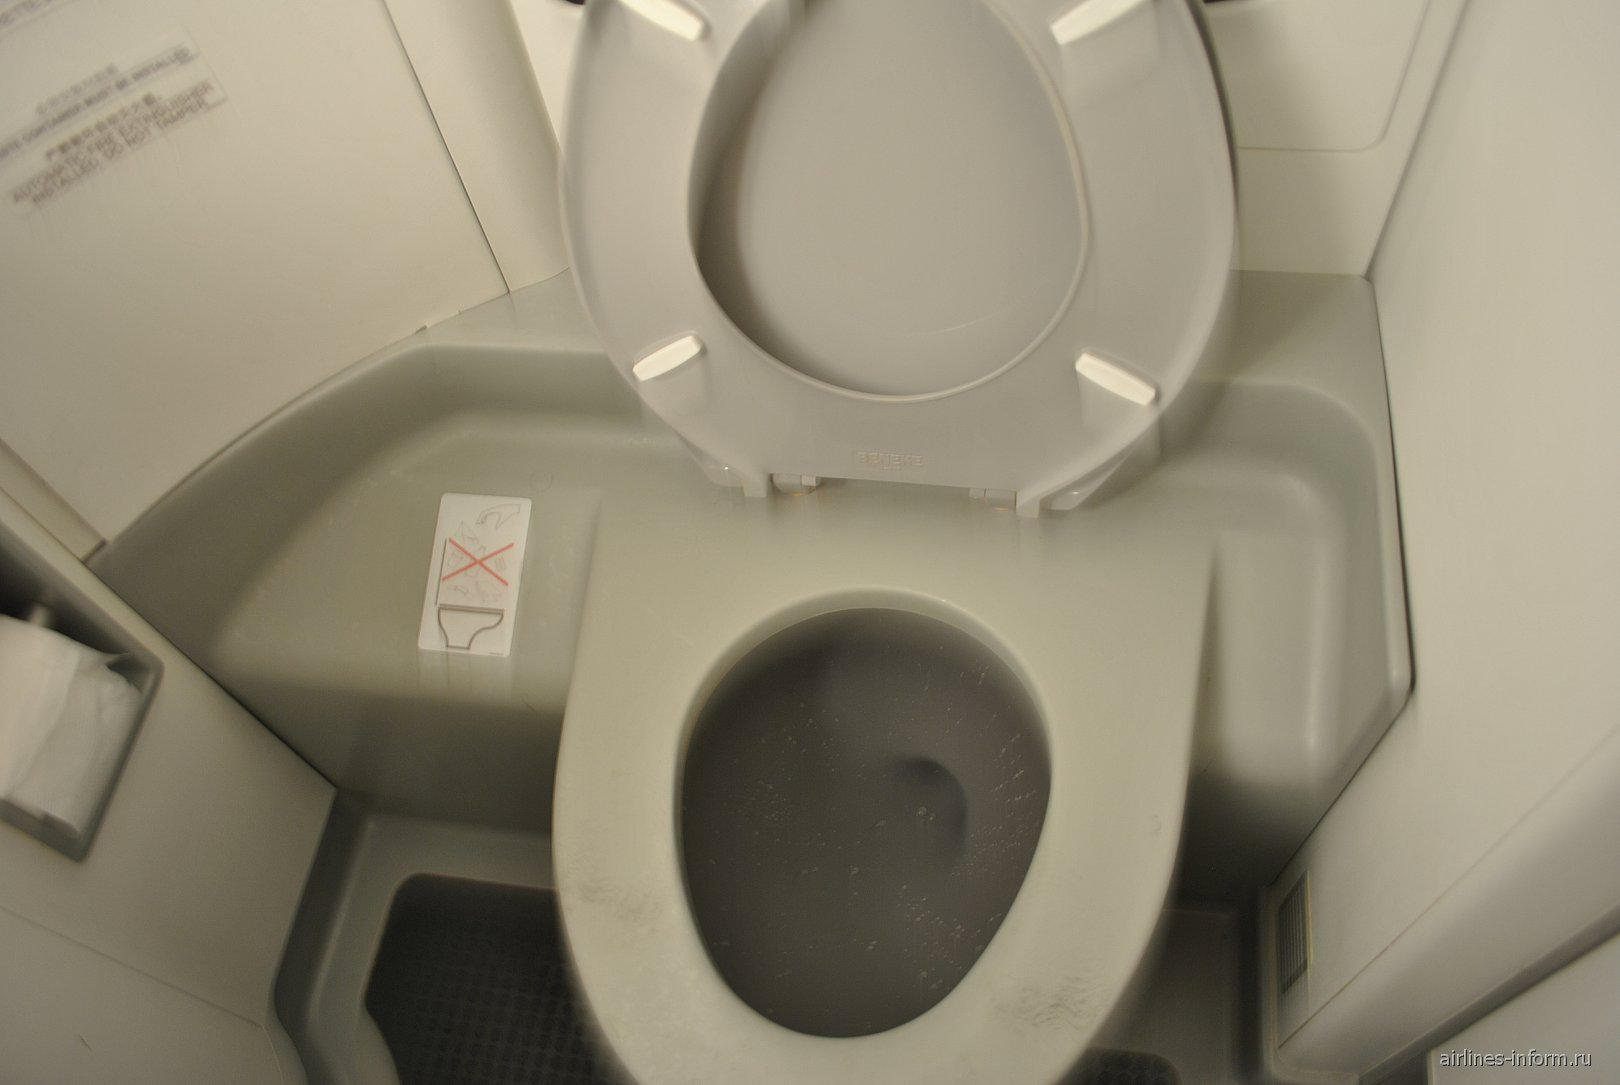 Туалет в самолете Embraer 190 авиакомпании China Southern Airlines